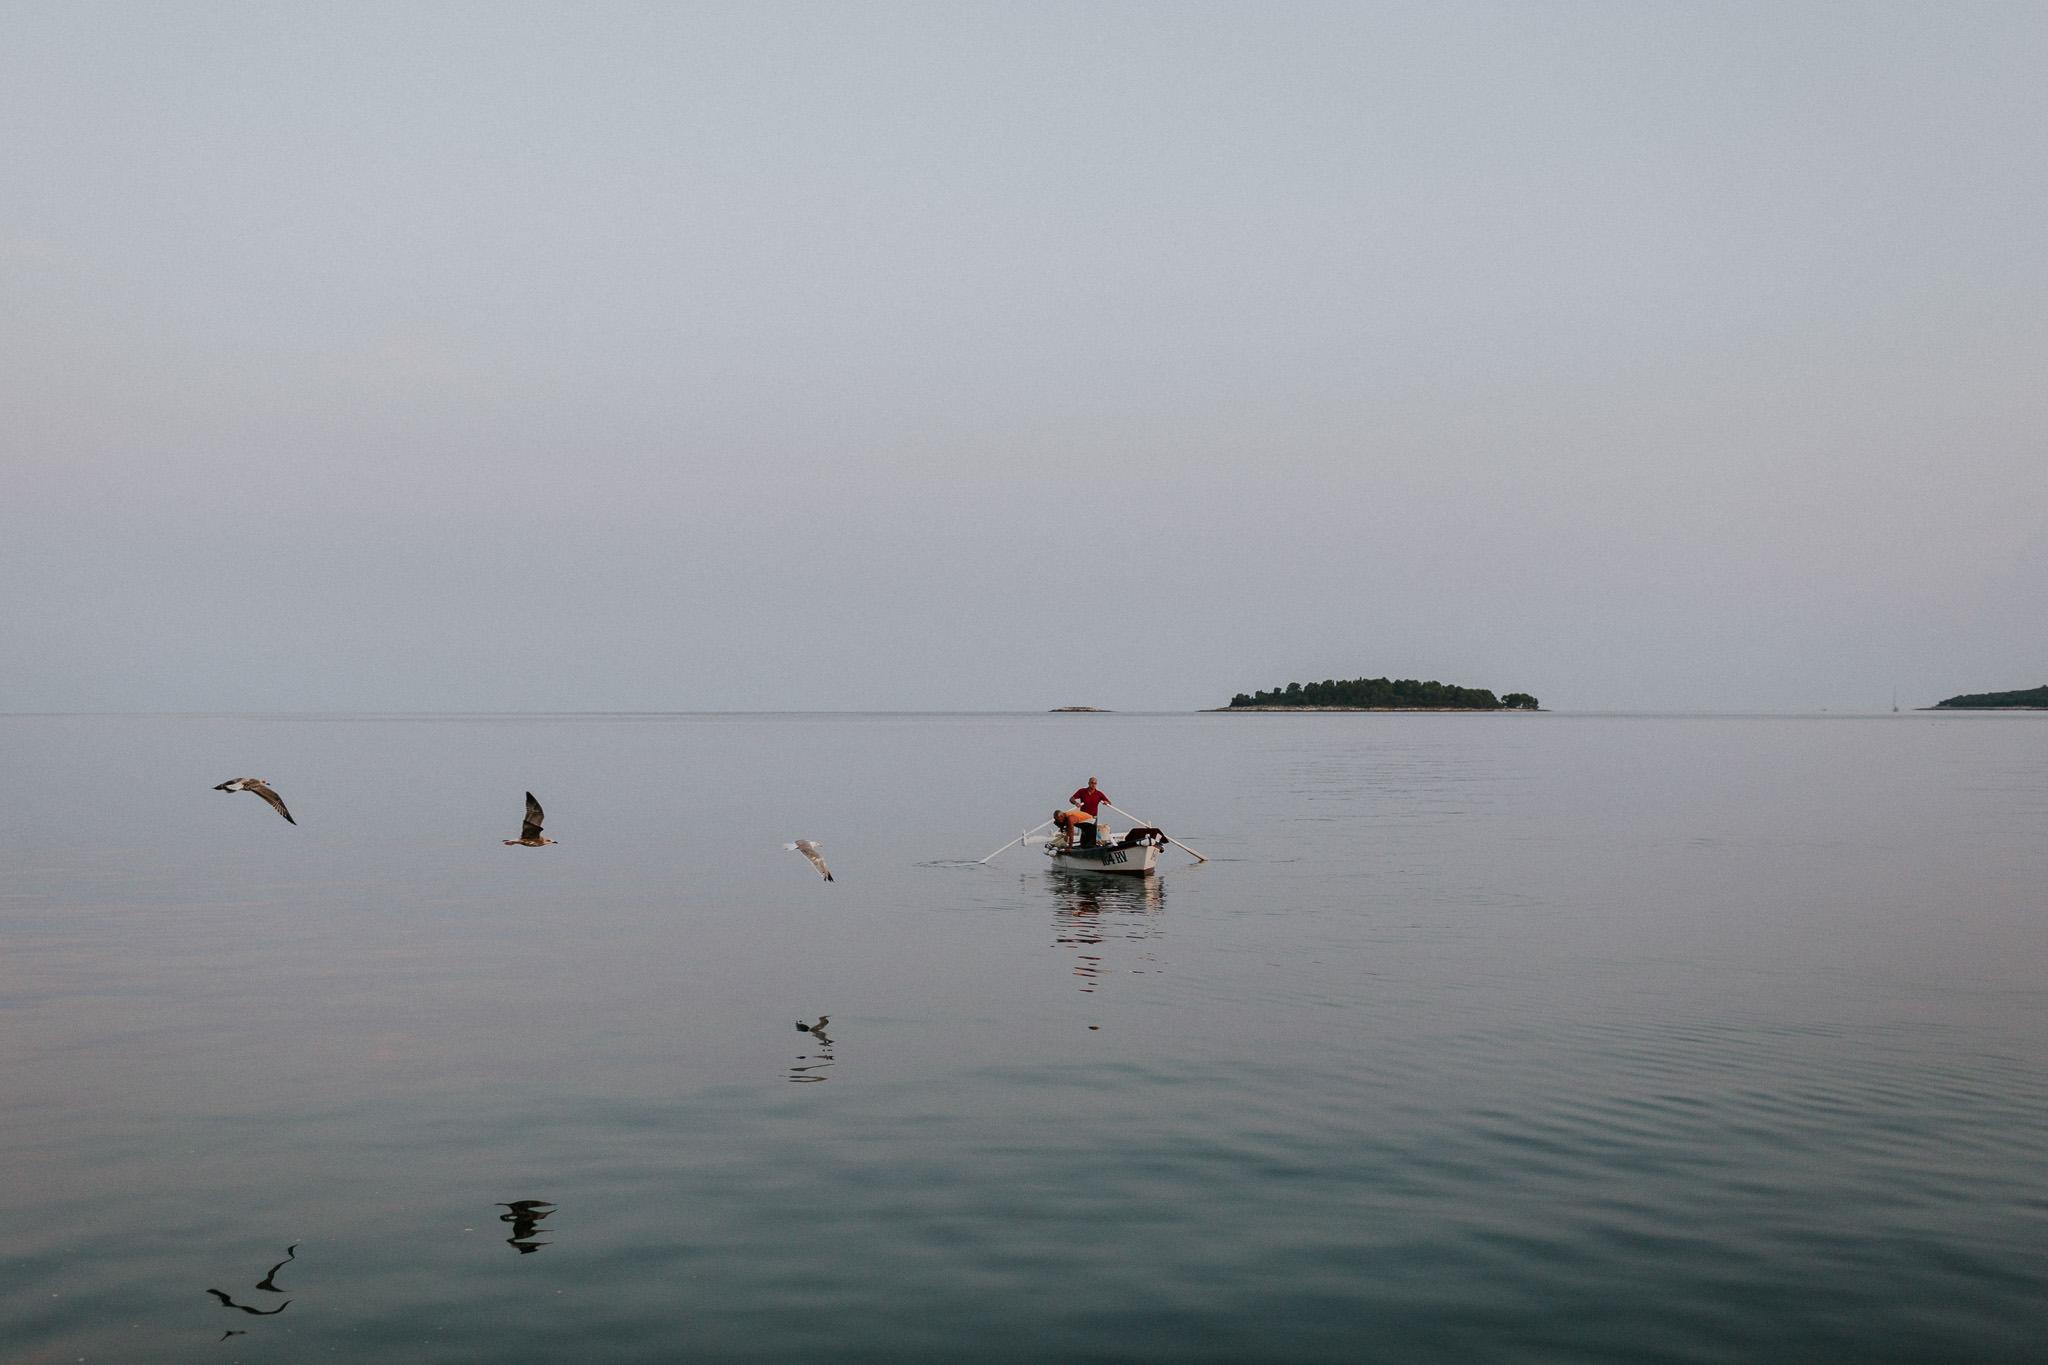 Fishermen at work in Rovinj, Croatia